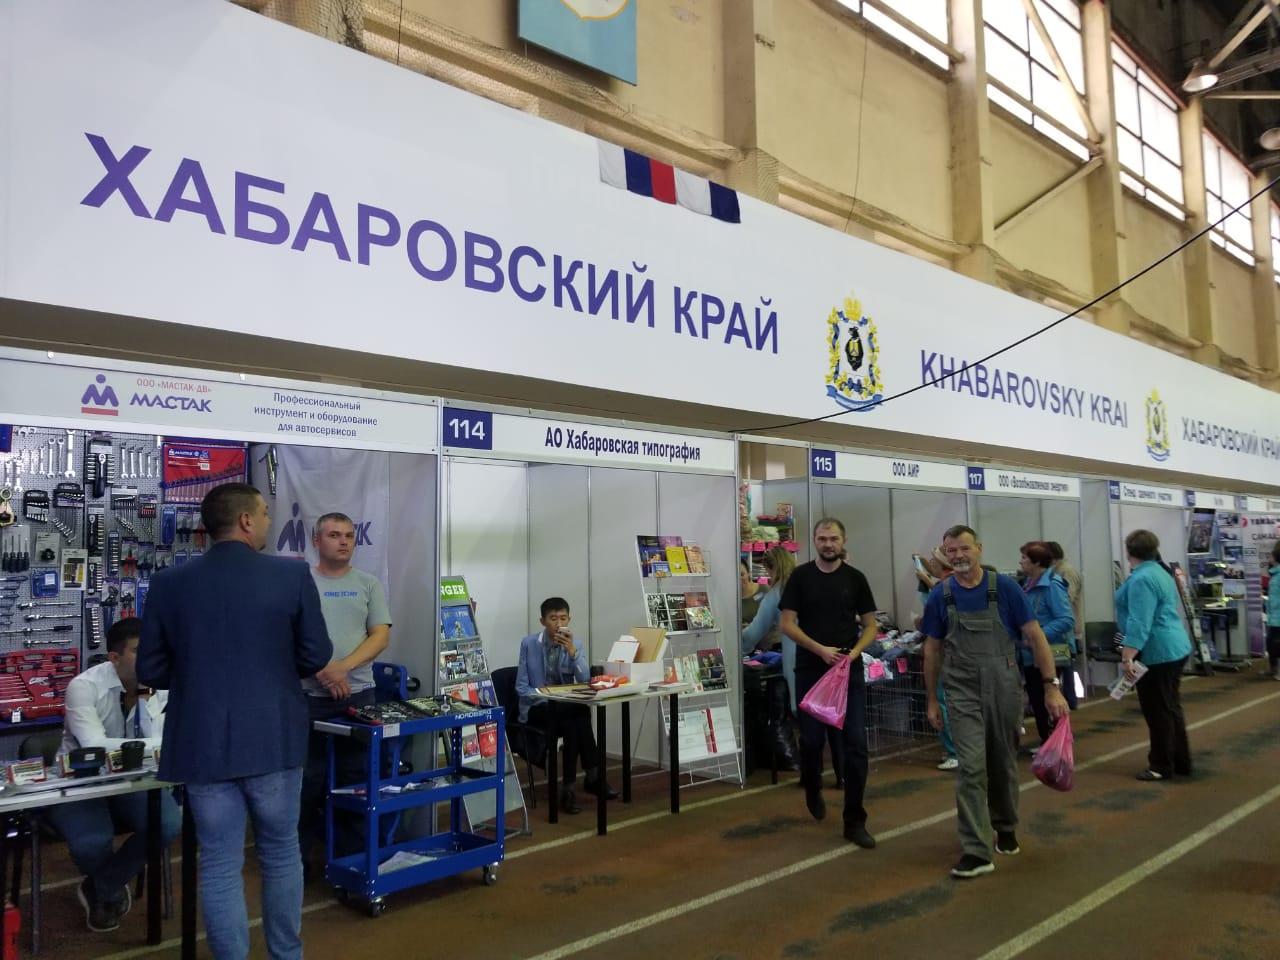 Медицинская выставка 2018. Хабаровск